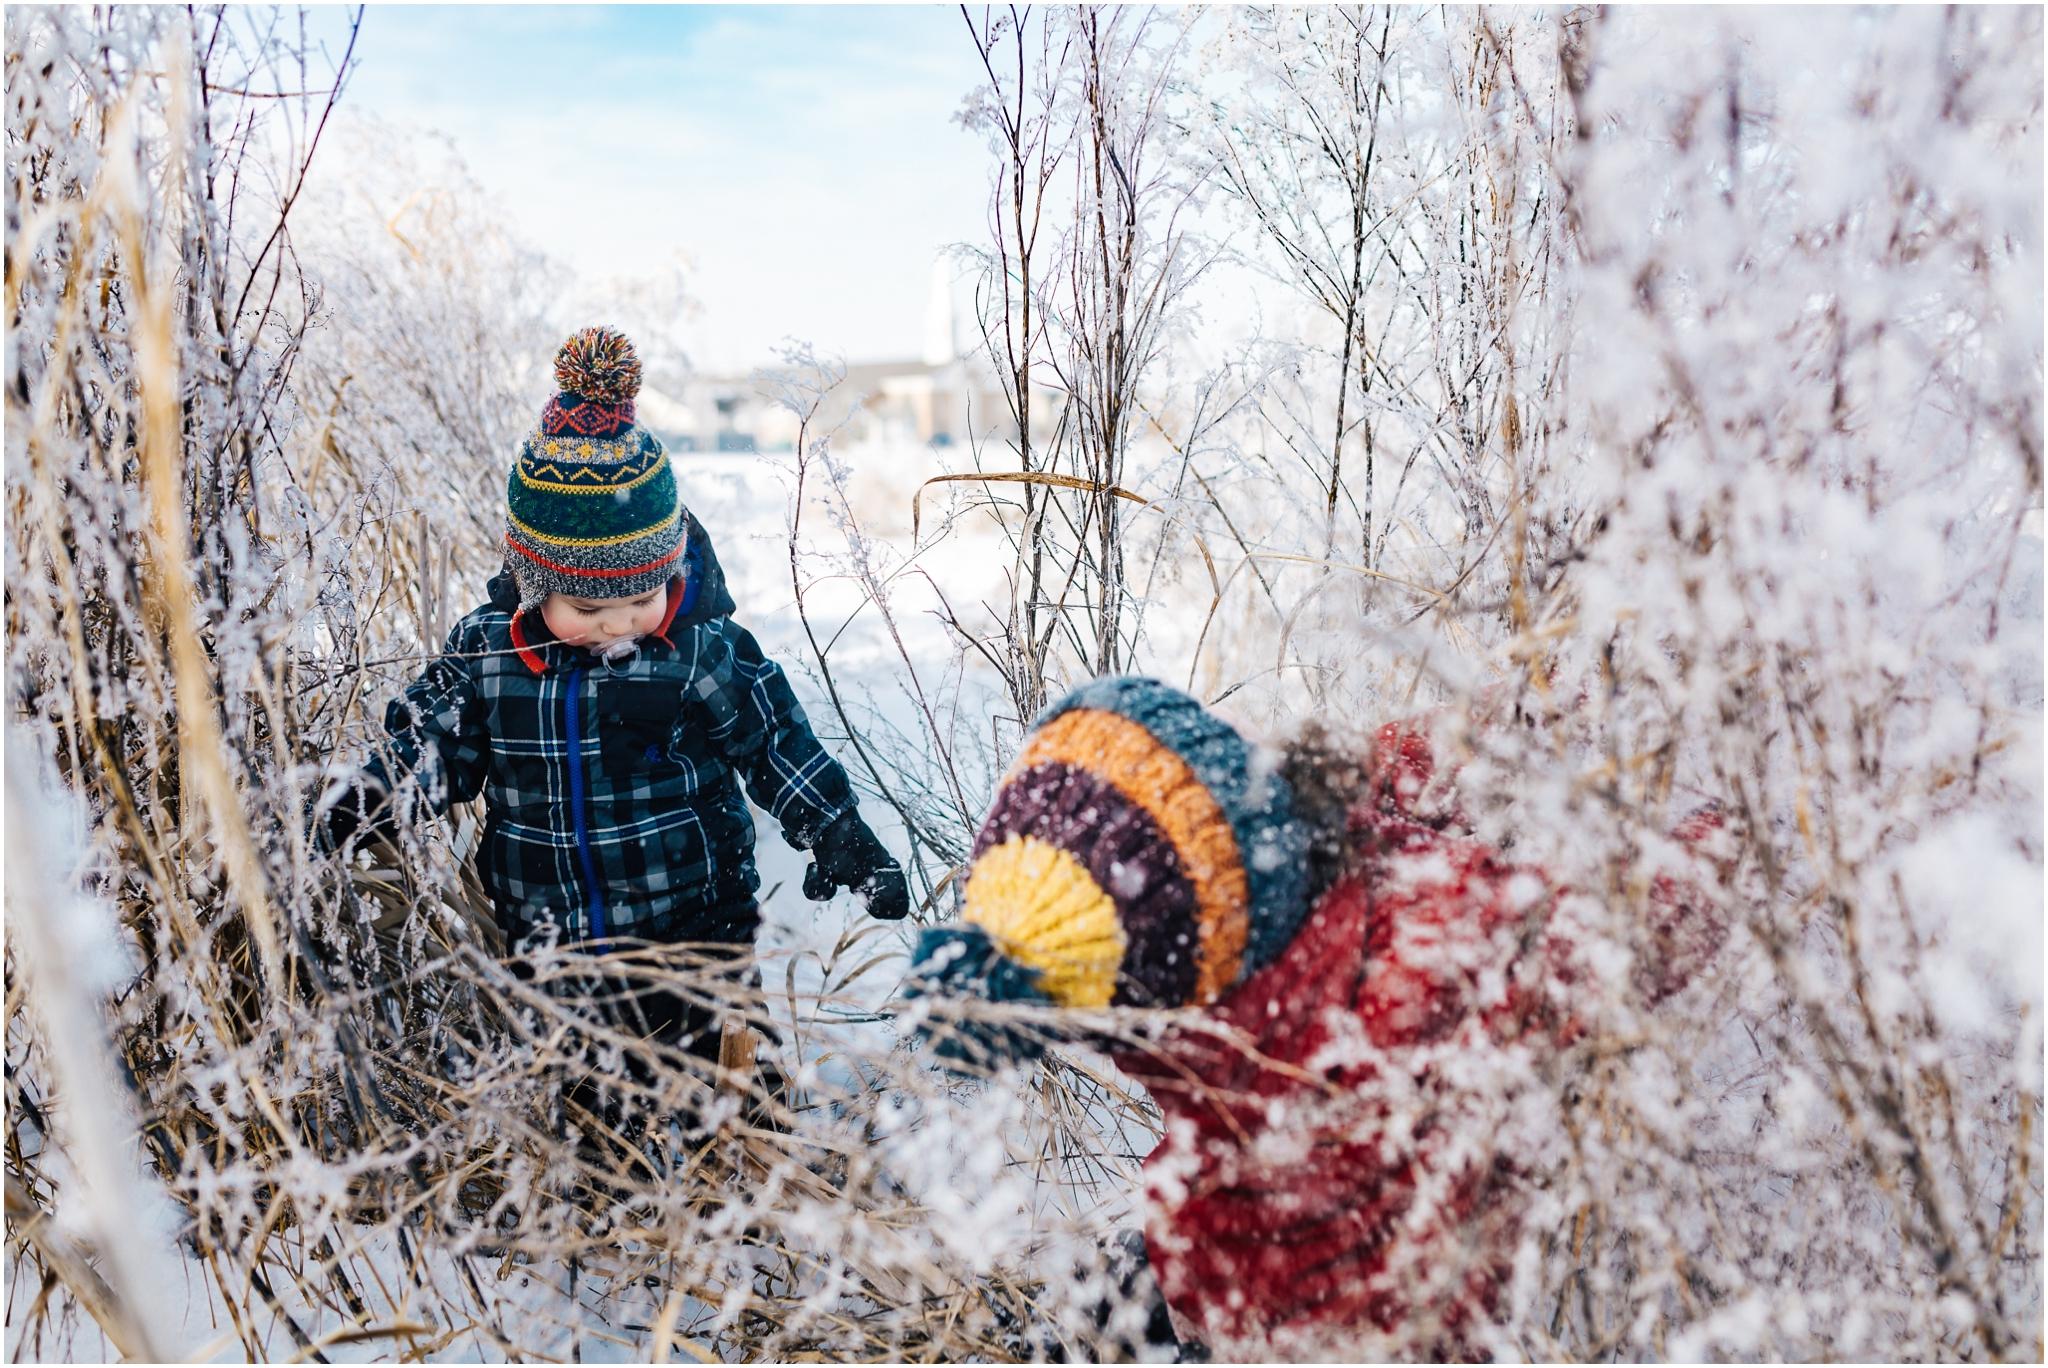 Treelines Photography - Edmonton Family Photographer - Children